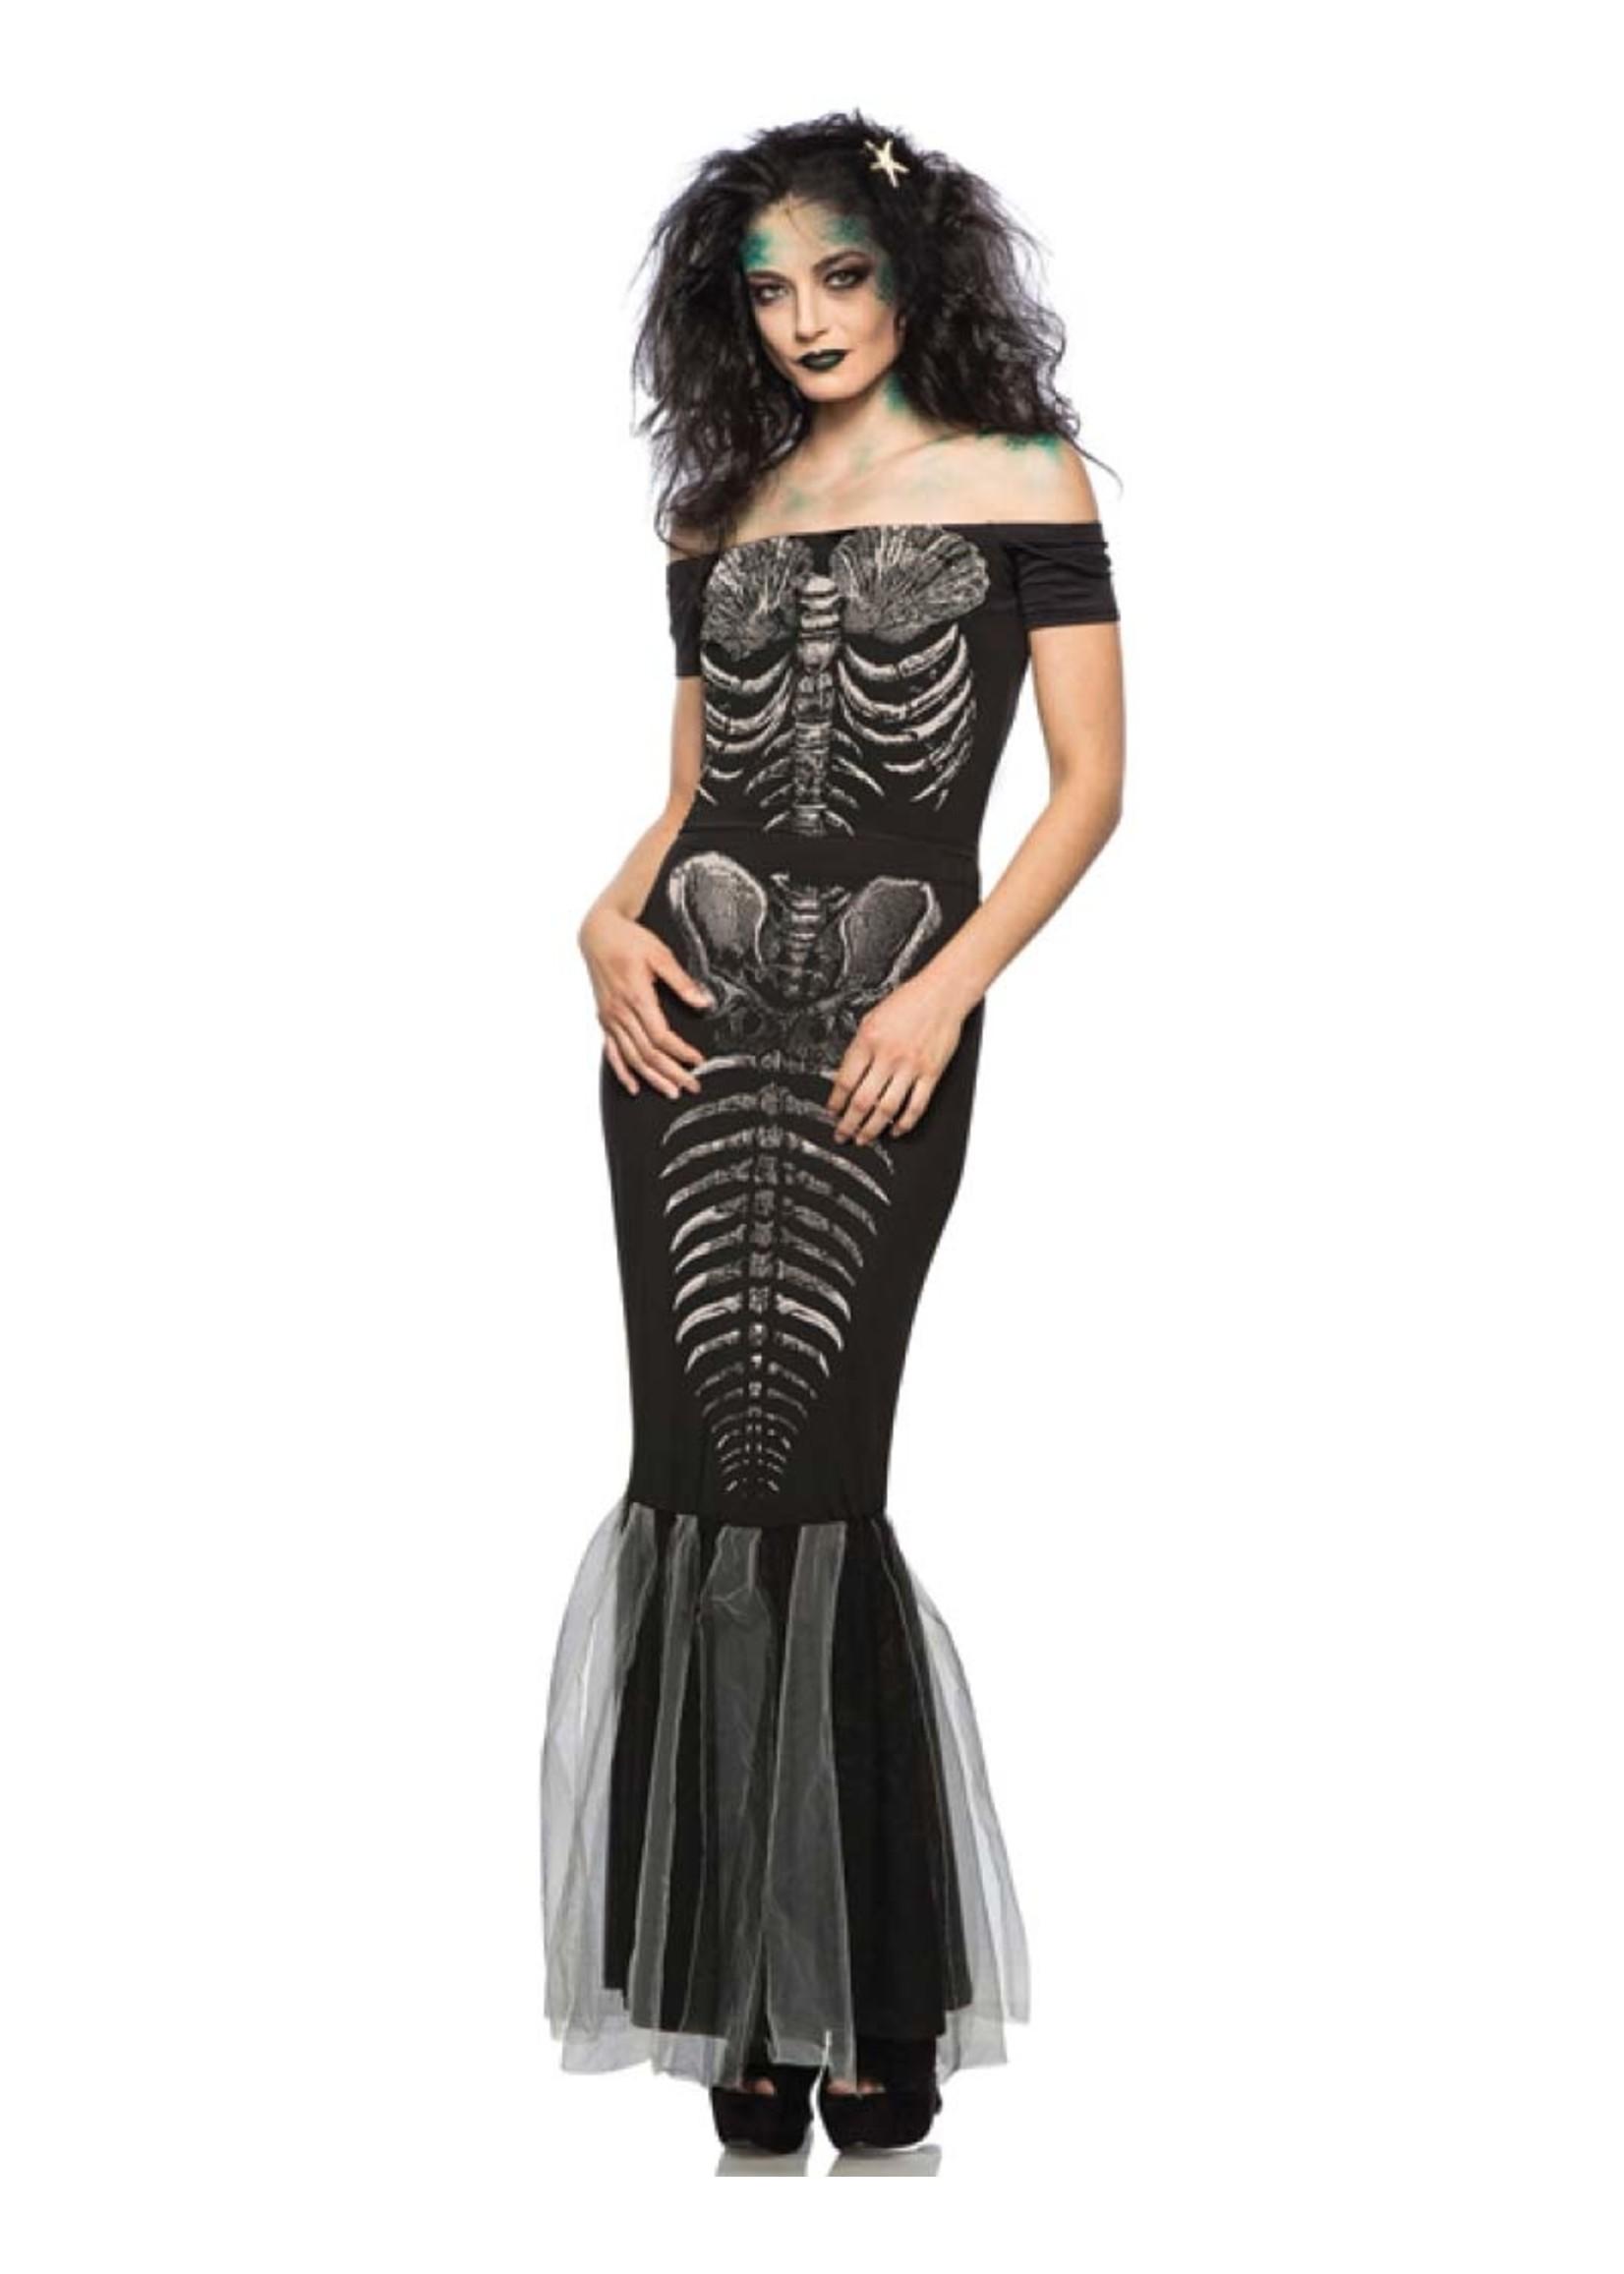 Skeleton Mermaid - Women's